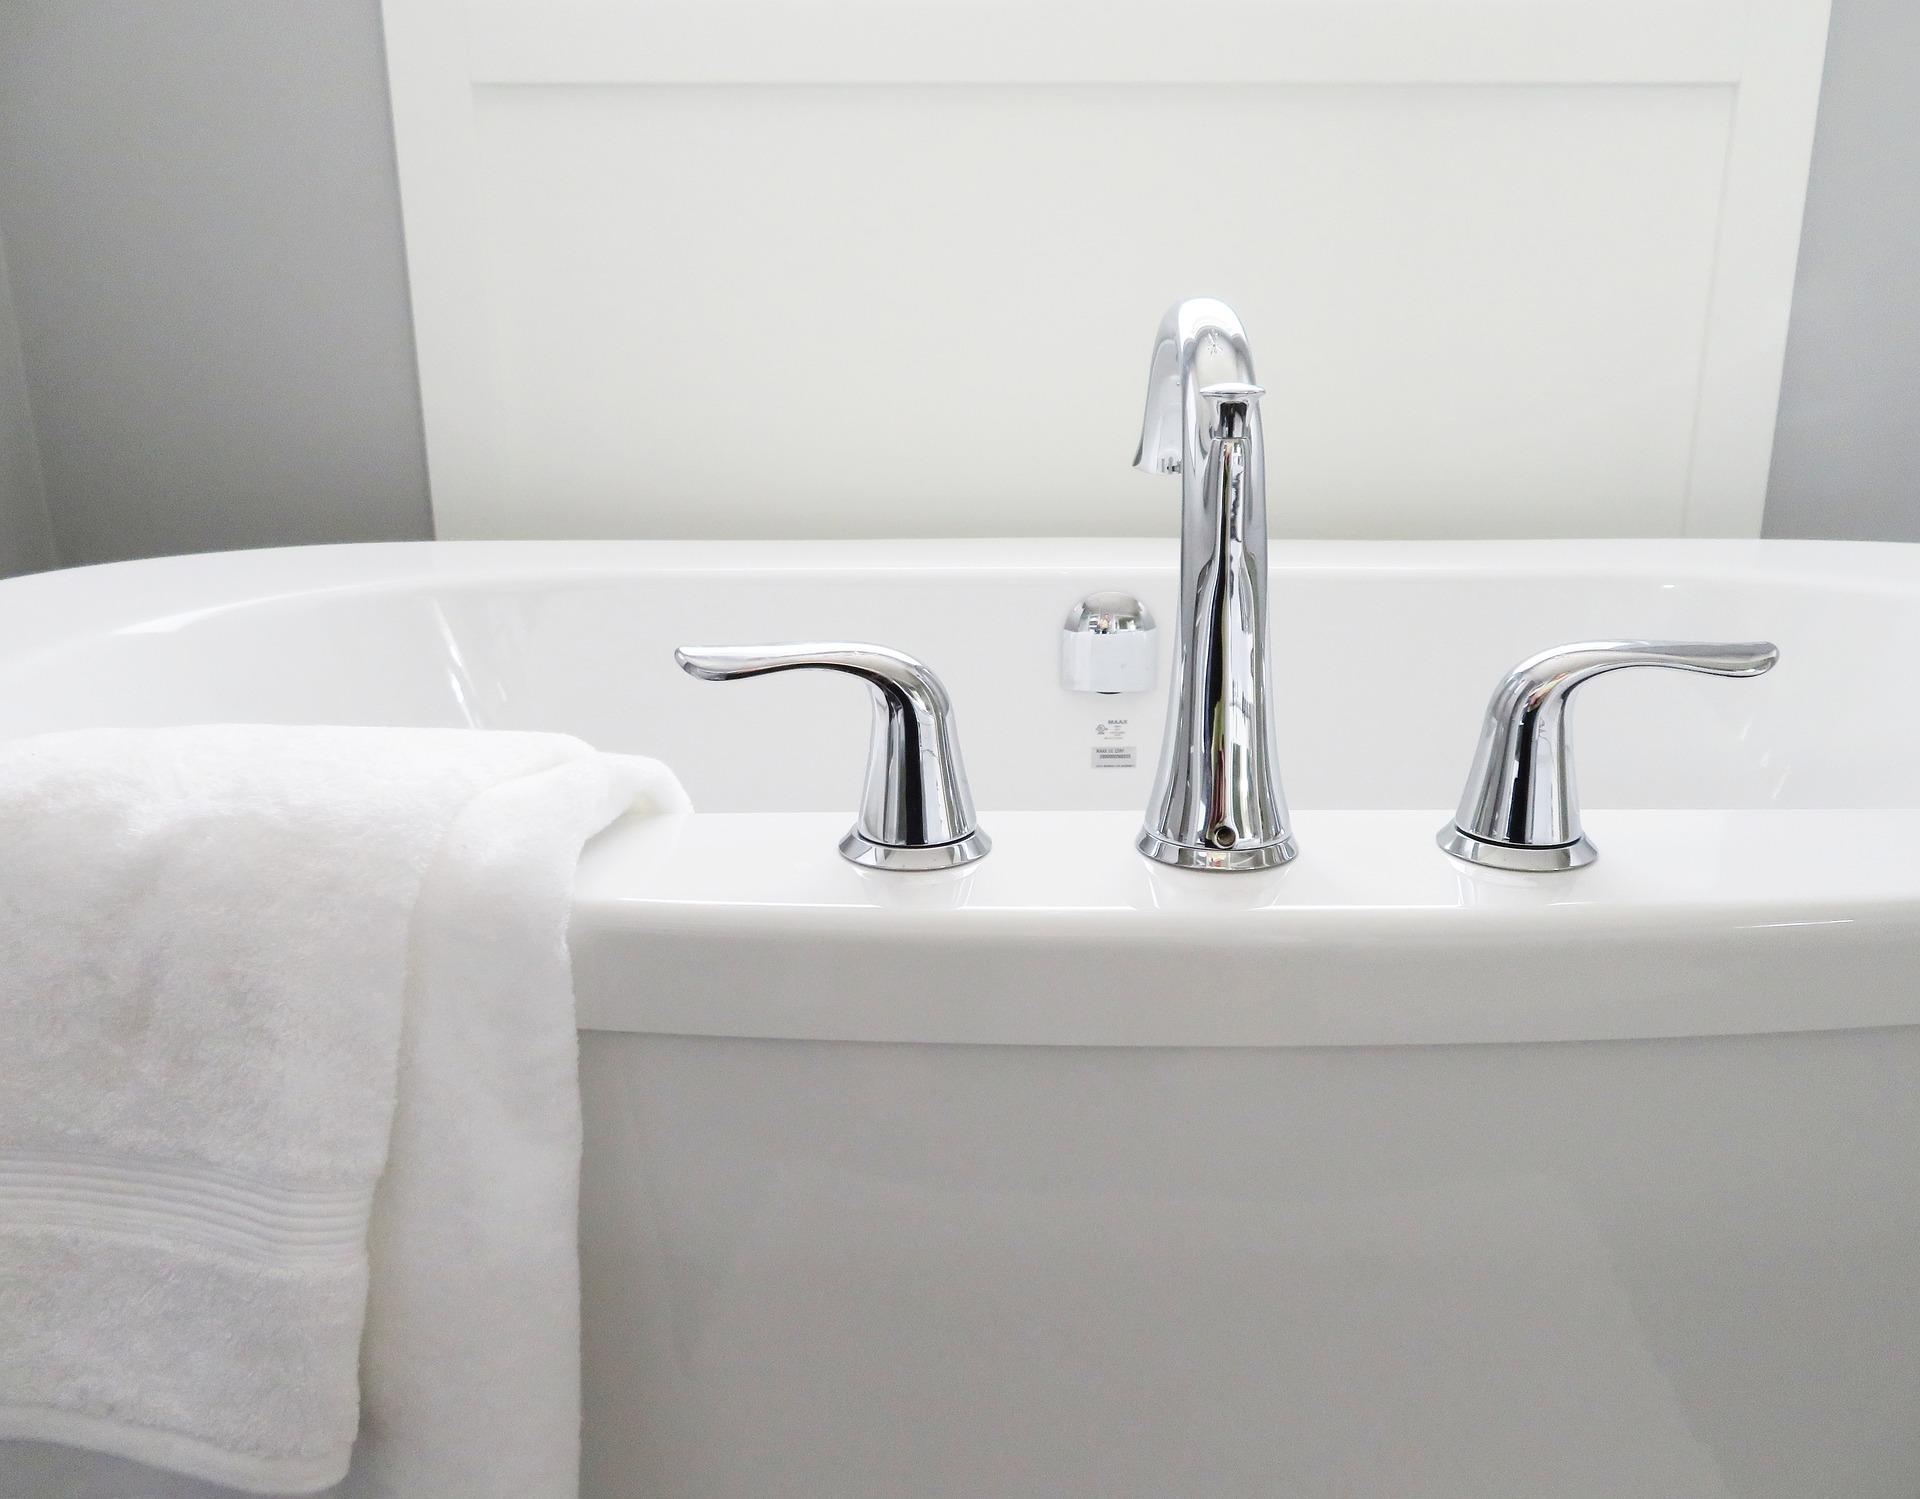 bathtub with towels